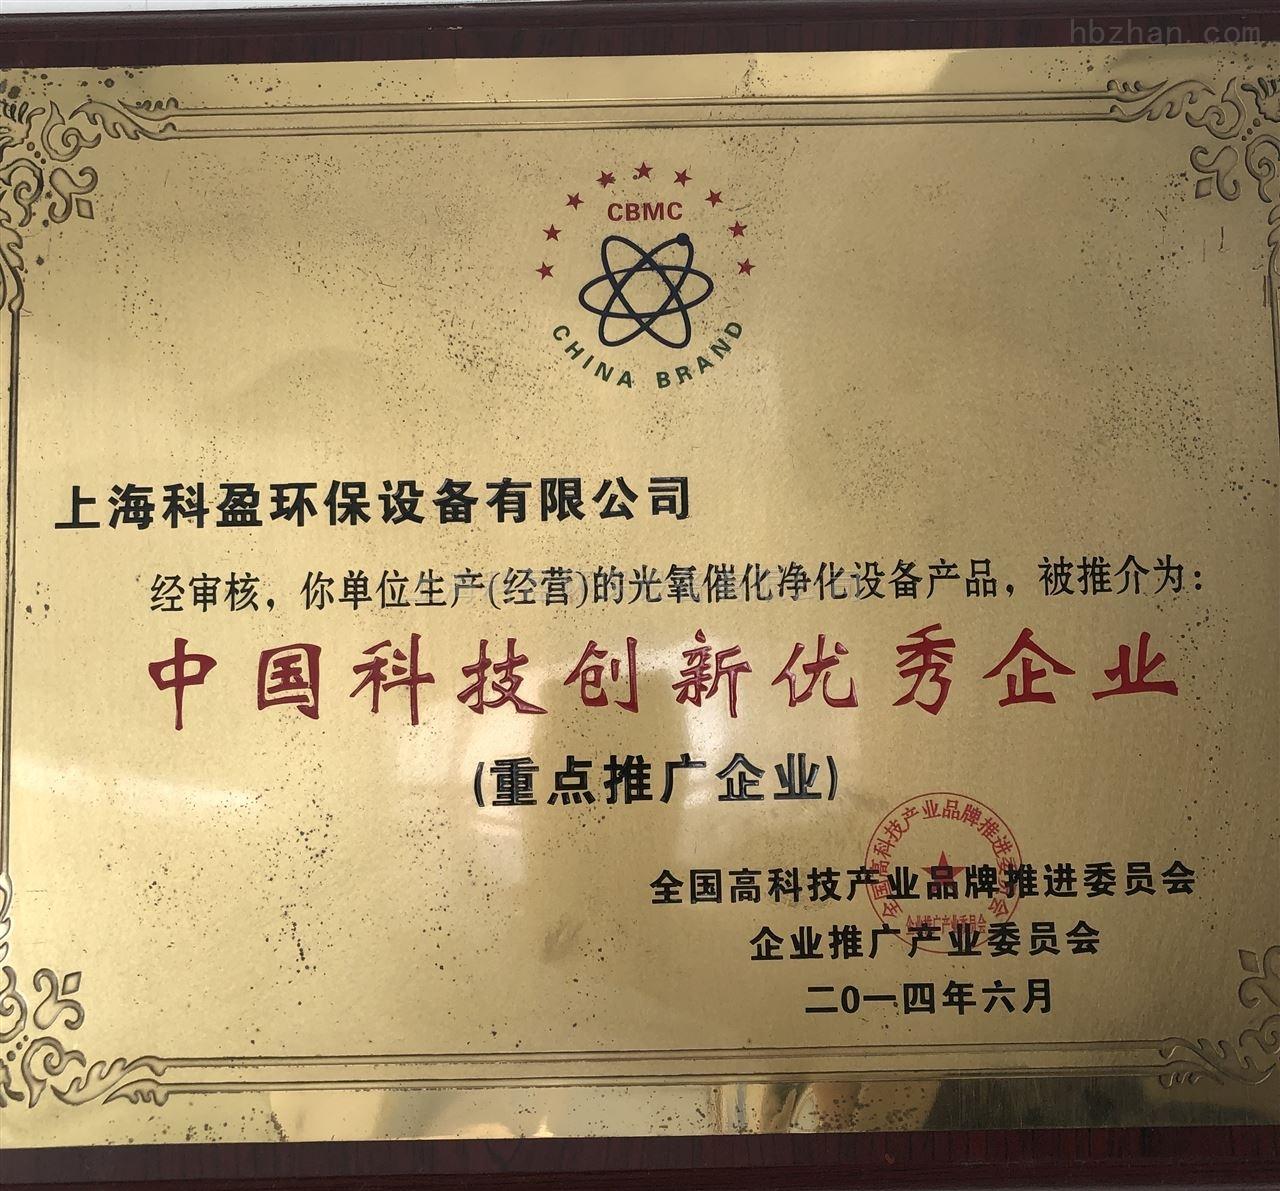 中国科技创新企业